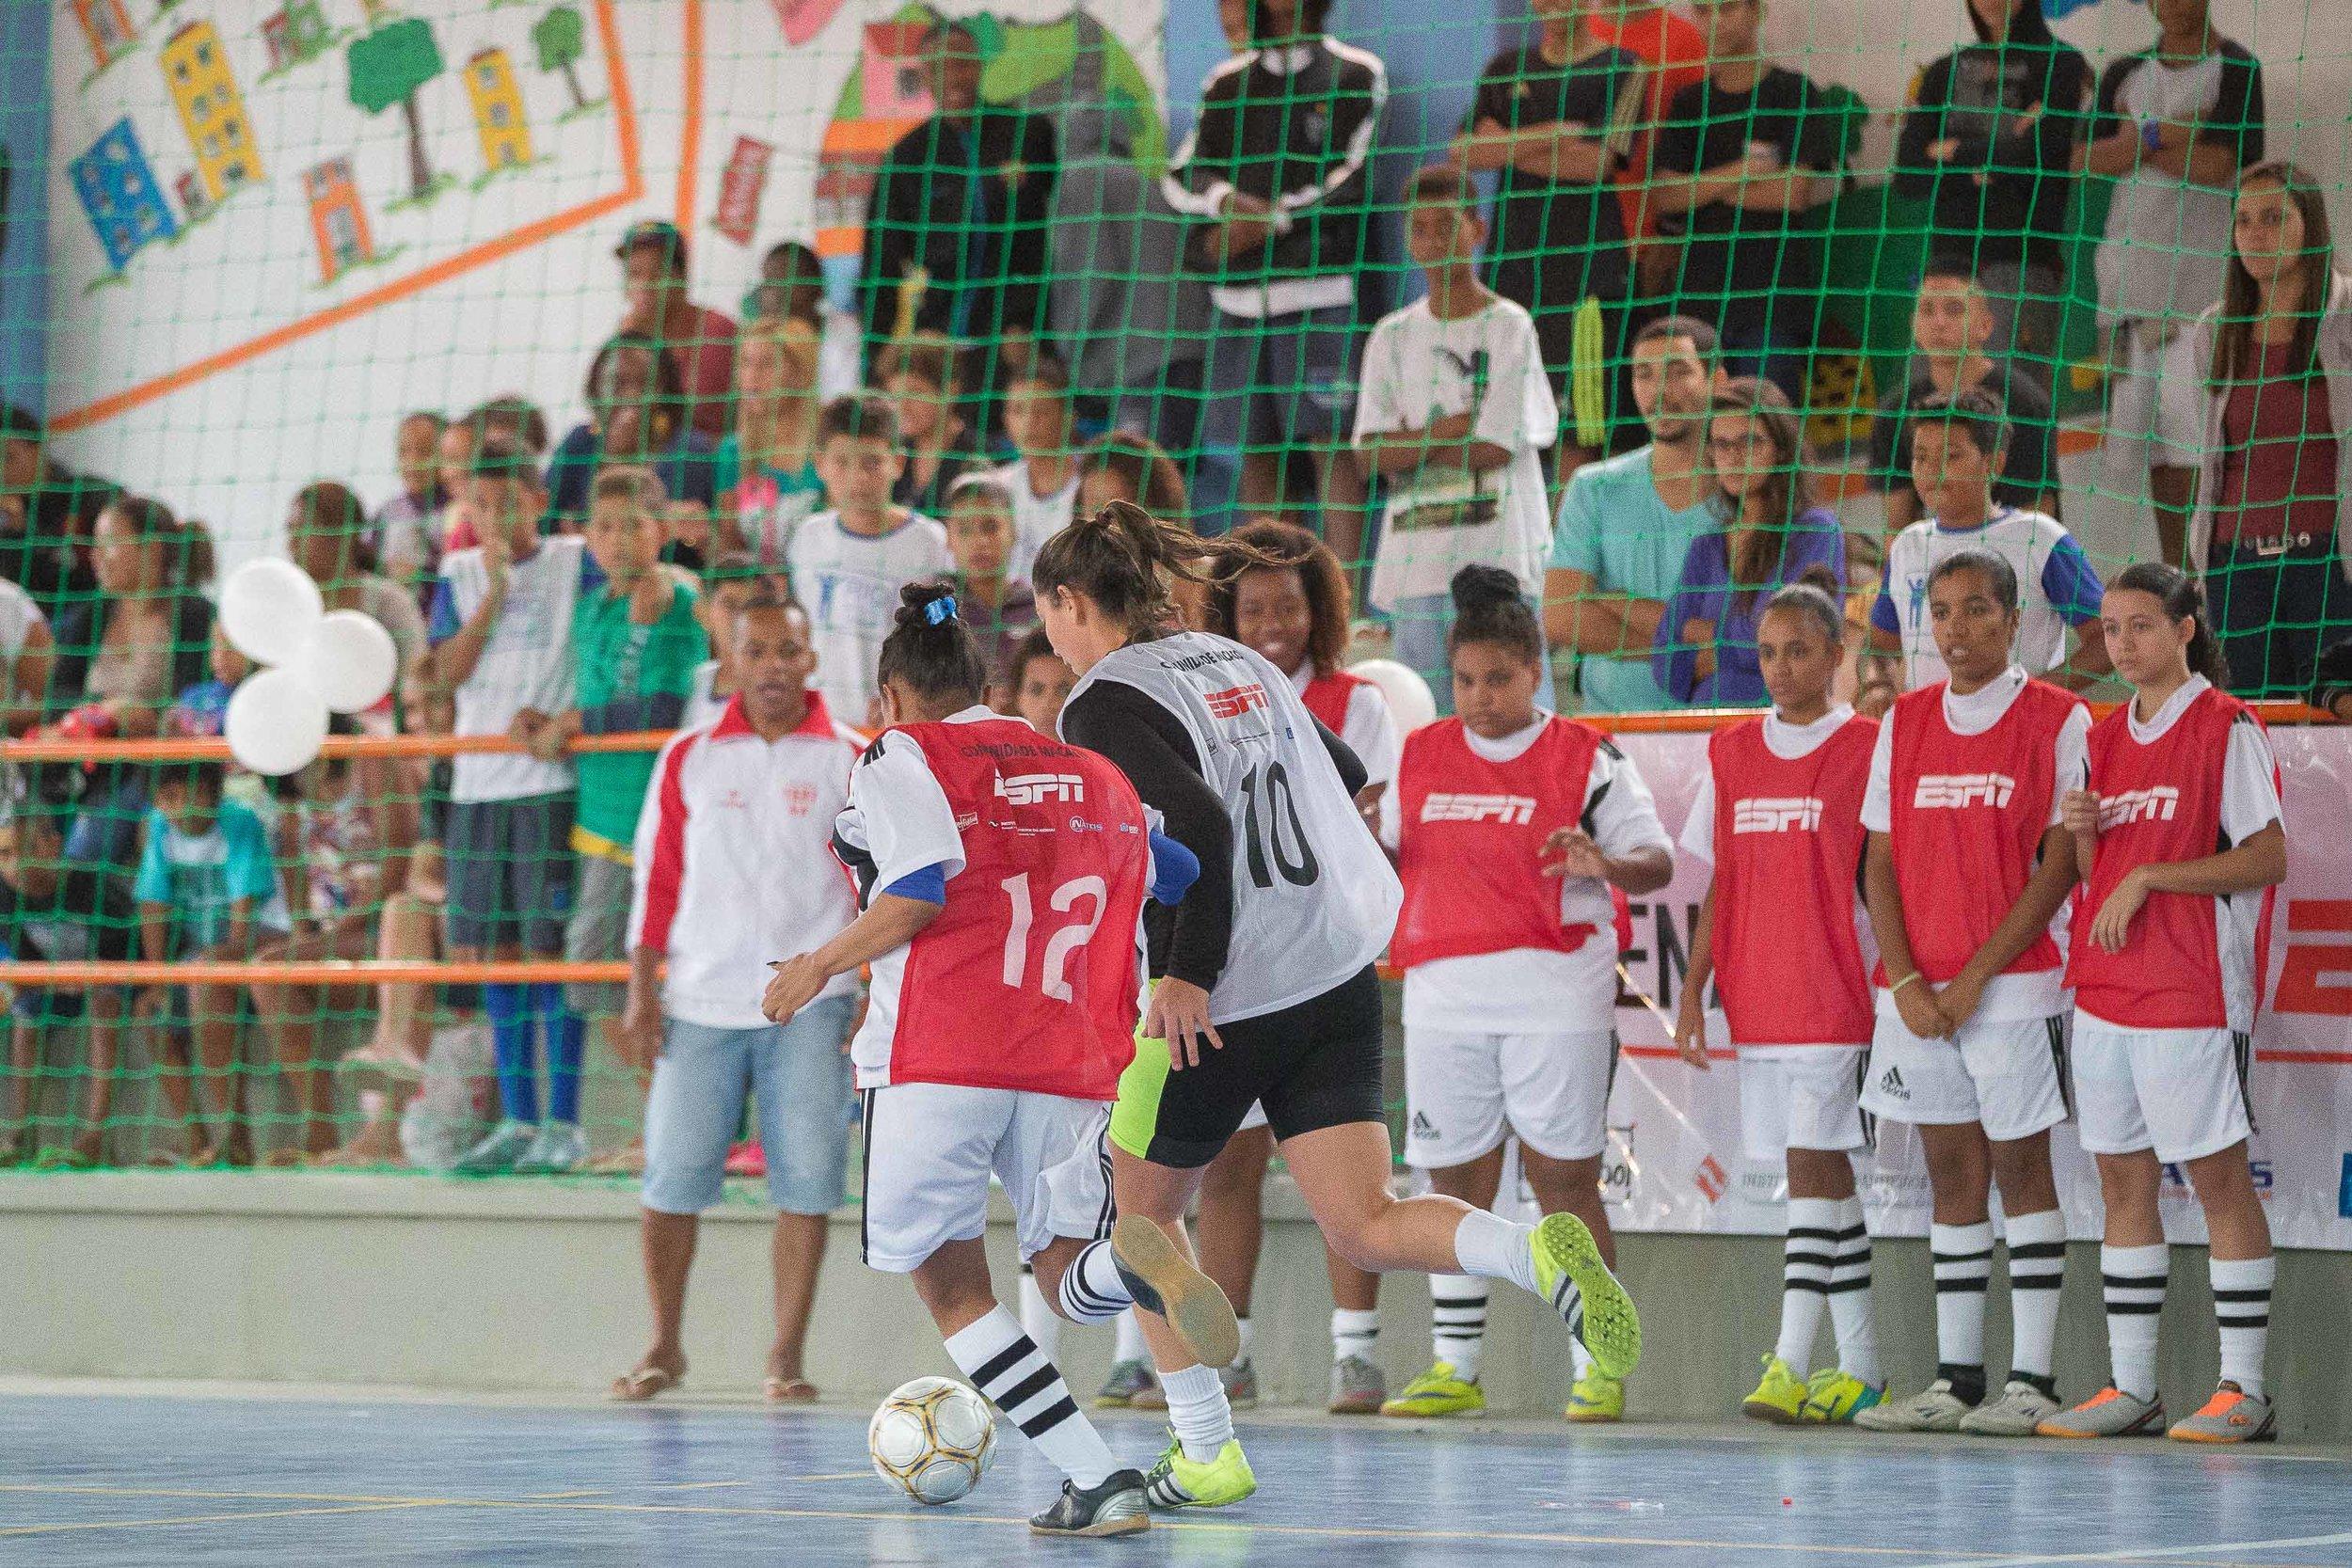 Arena Macacos_ESPN-37.jpg